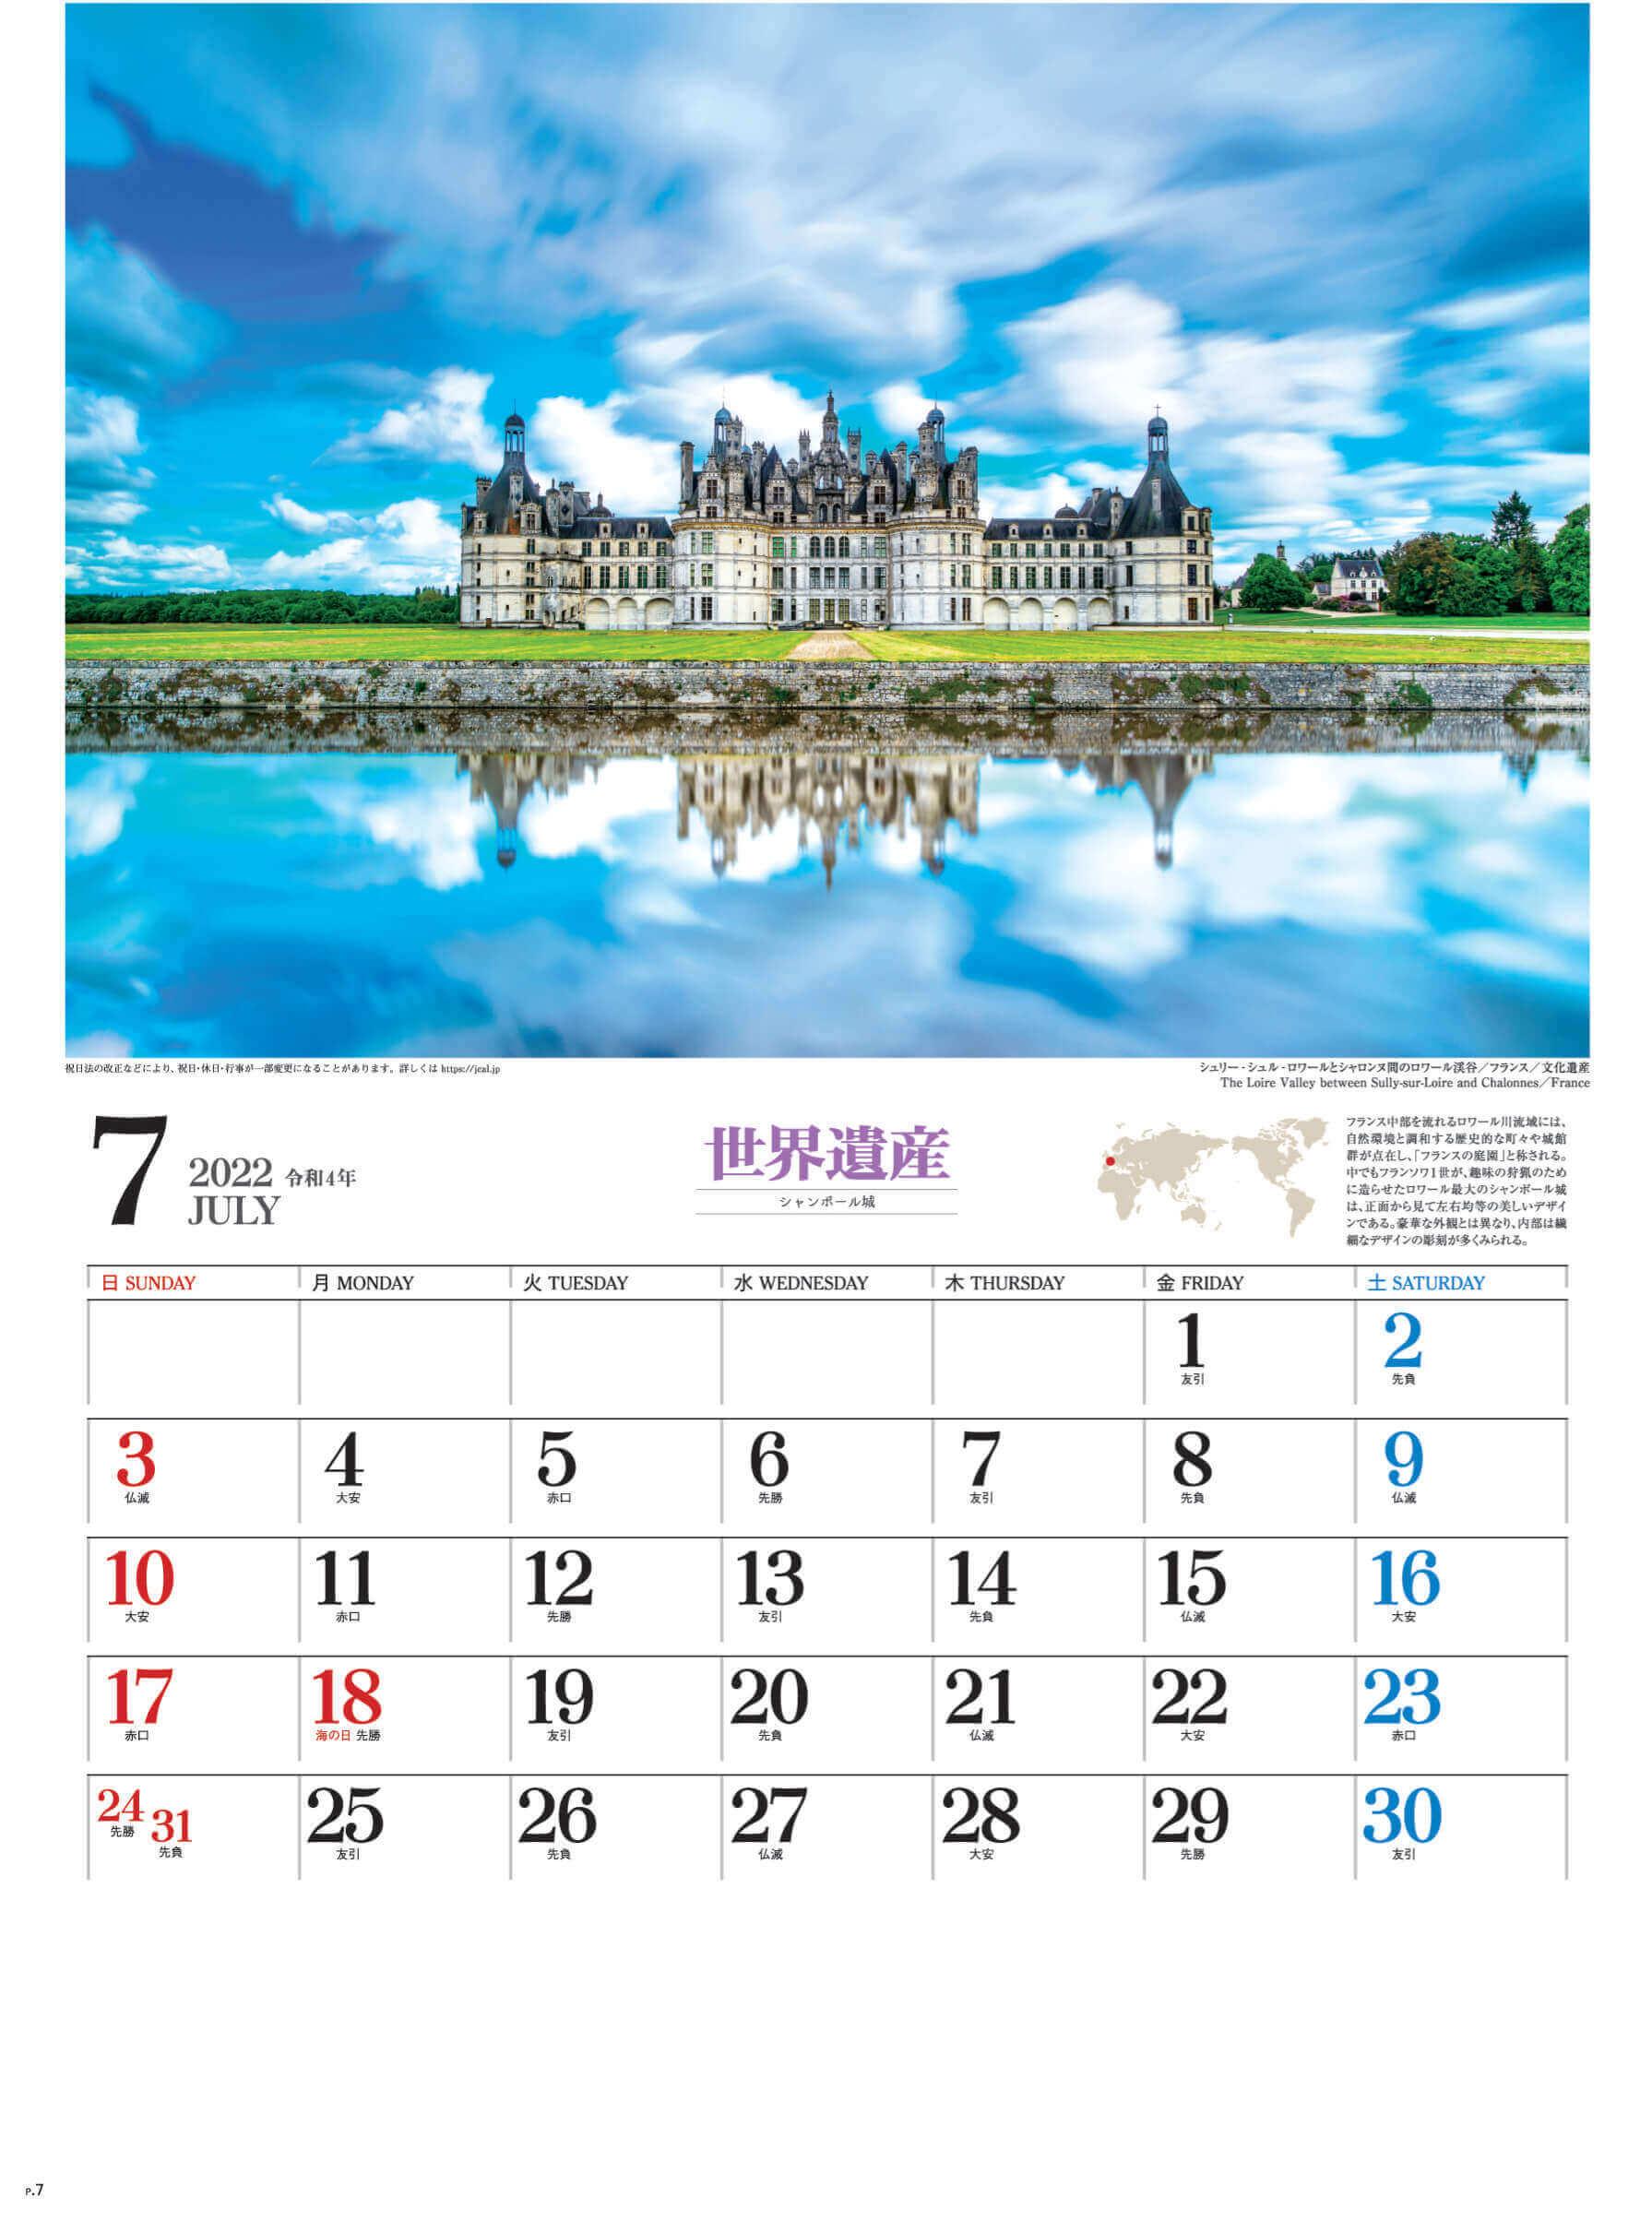 7月 シャンボール城 フランス ユネスコ世界遺産 2022年カレンダーの画像